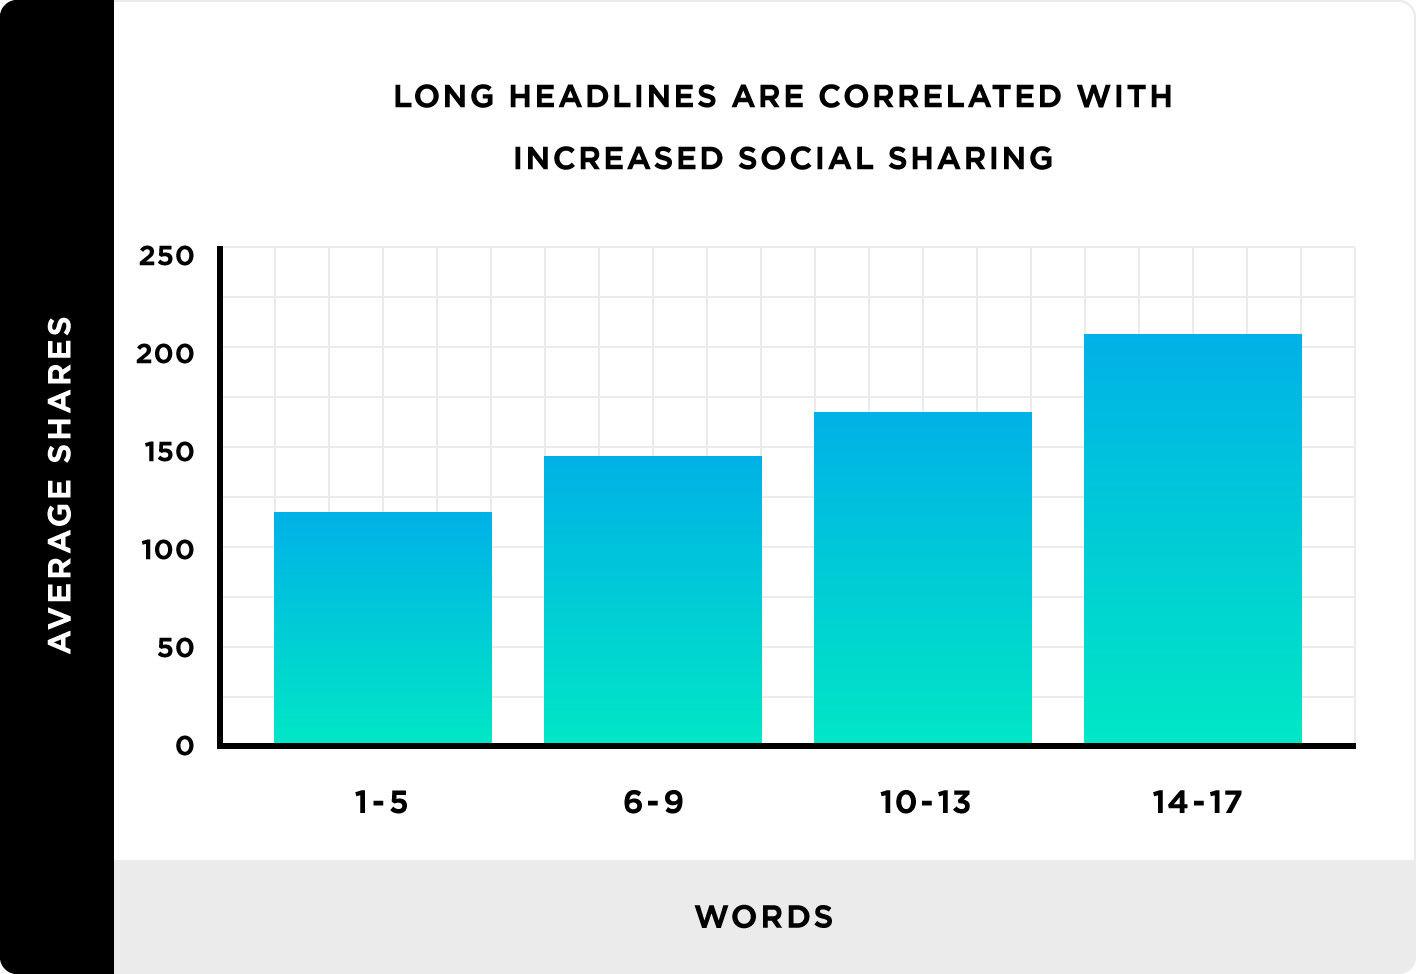 長標題能獲得更多流量-鯊客科技SEO內容行銷公司